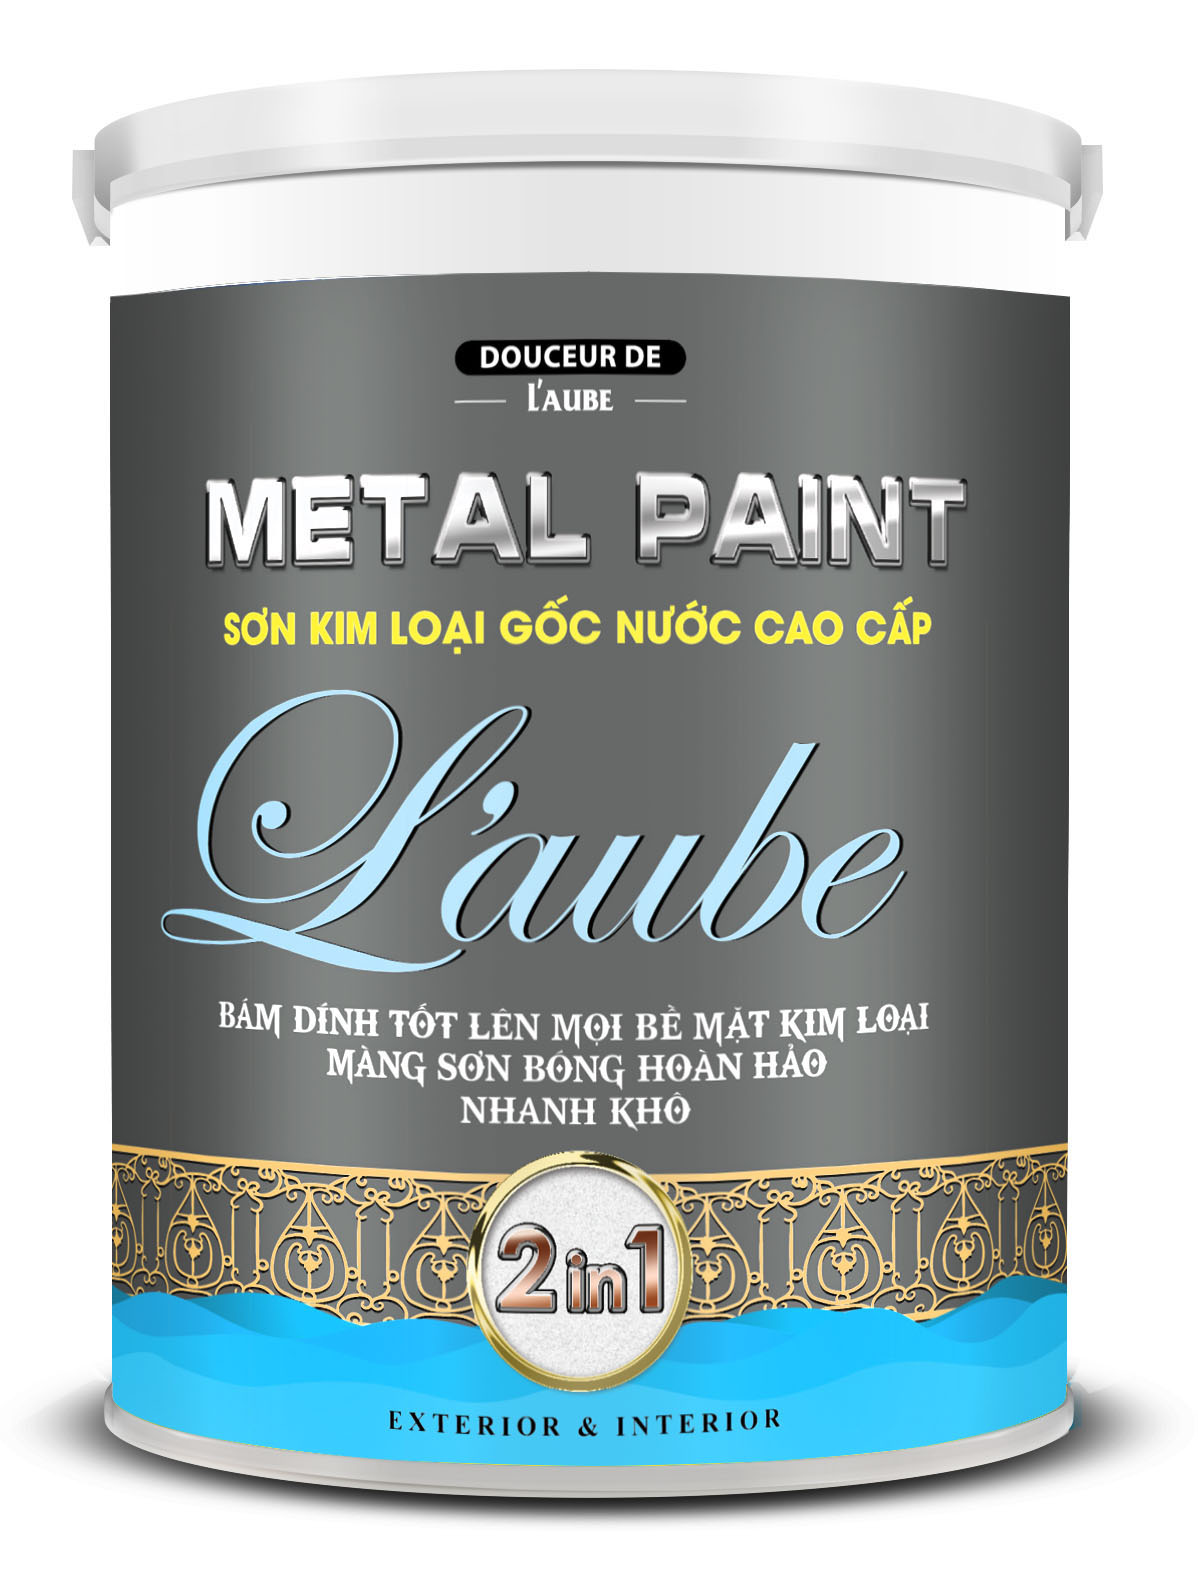 L'AUBE METAL PAINT - SƠN KIM LOẠI GỐC NƯỚC CAO CẤP